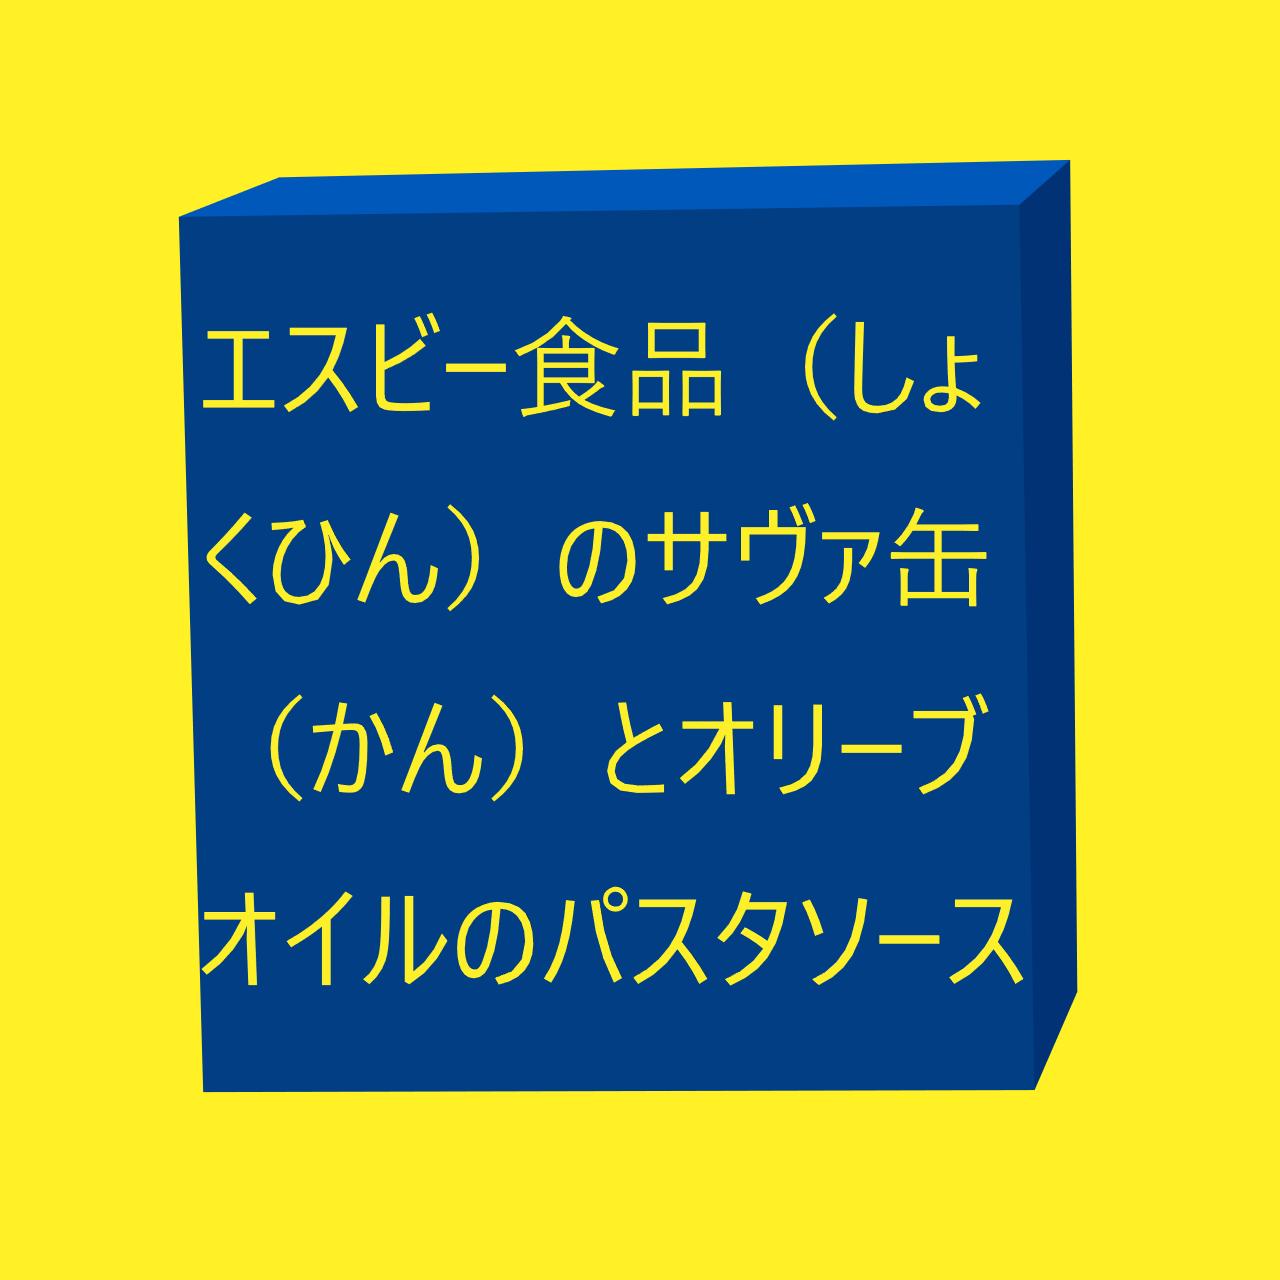 エスビー食品(しょくひん)のサヴァ缶(かん)とオリーブオイルのパスタソースのパウチや、箱(はこ)の側面(そくめん)、底面(ていめん)や、トッピングの個包装(こほうそう)などにかかる画像(がぞう)